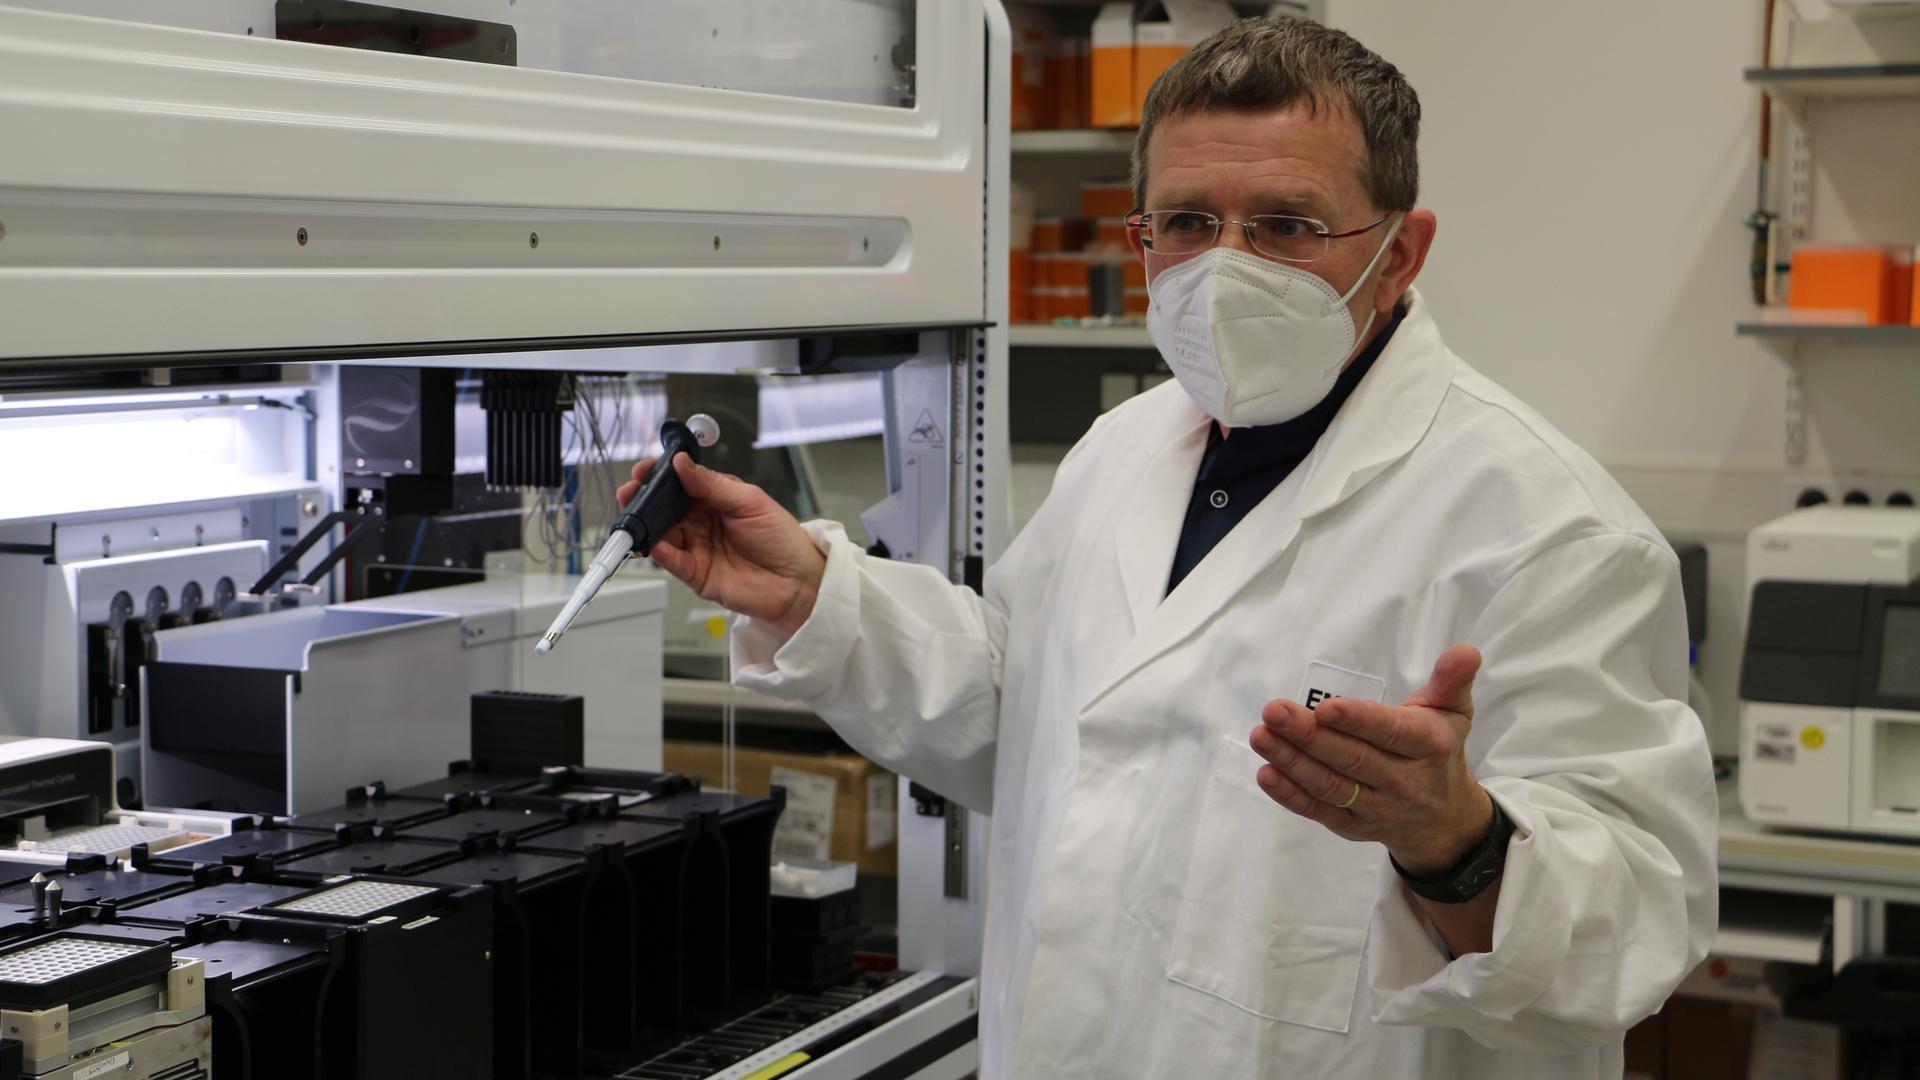 Auf der Spur der Mutanten: In einigen Labors in Baden-Württemberg, wie hier im EMBL Heidelberg, werden positive Corona-Testproben analysiert, um besser zu verstehen, wie und wo sich die Infektion ausbreitet.